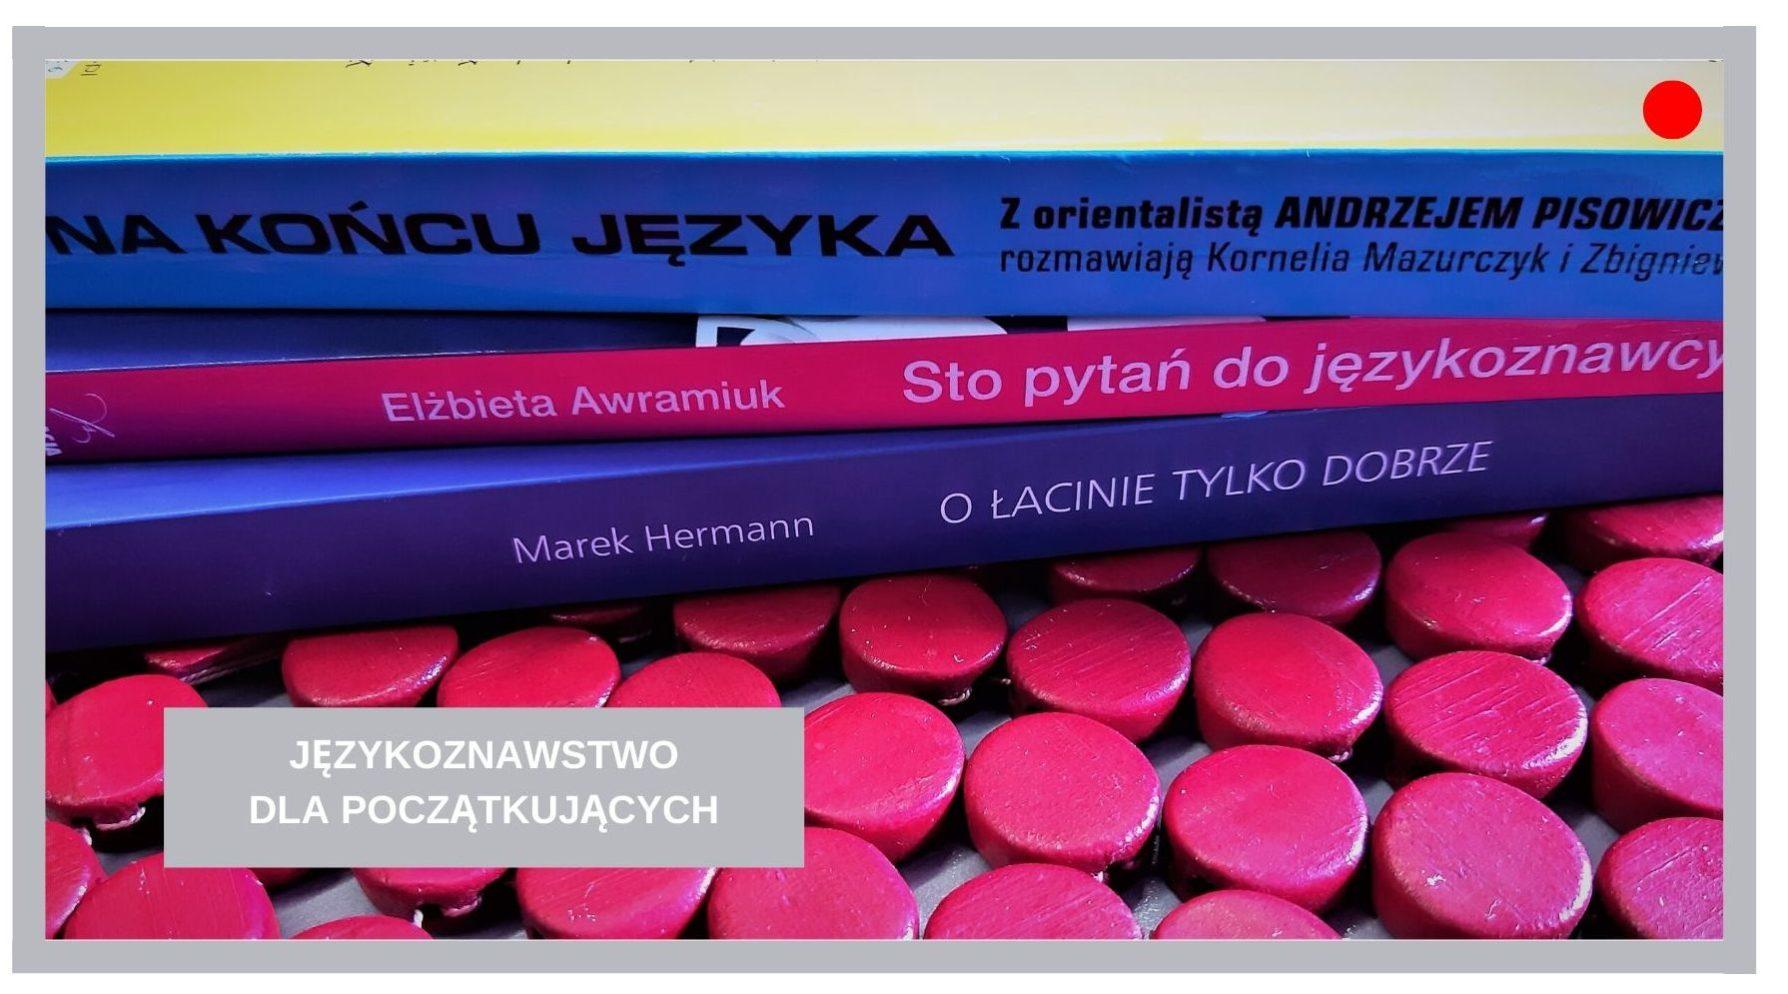 Blog Agnieszka Jasińska - Językoznawstwo dla początkujacych